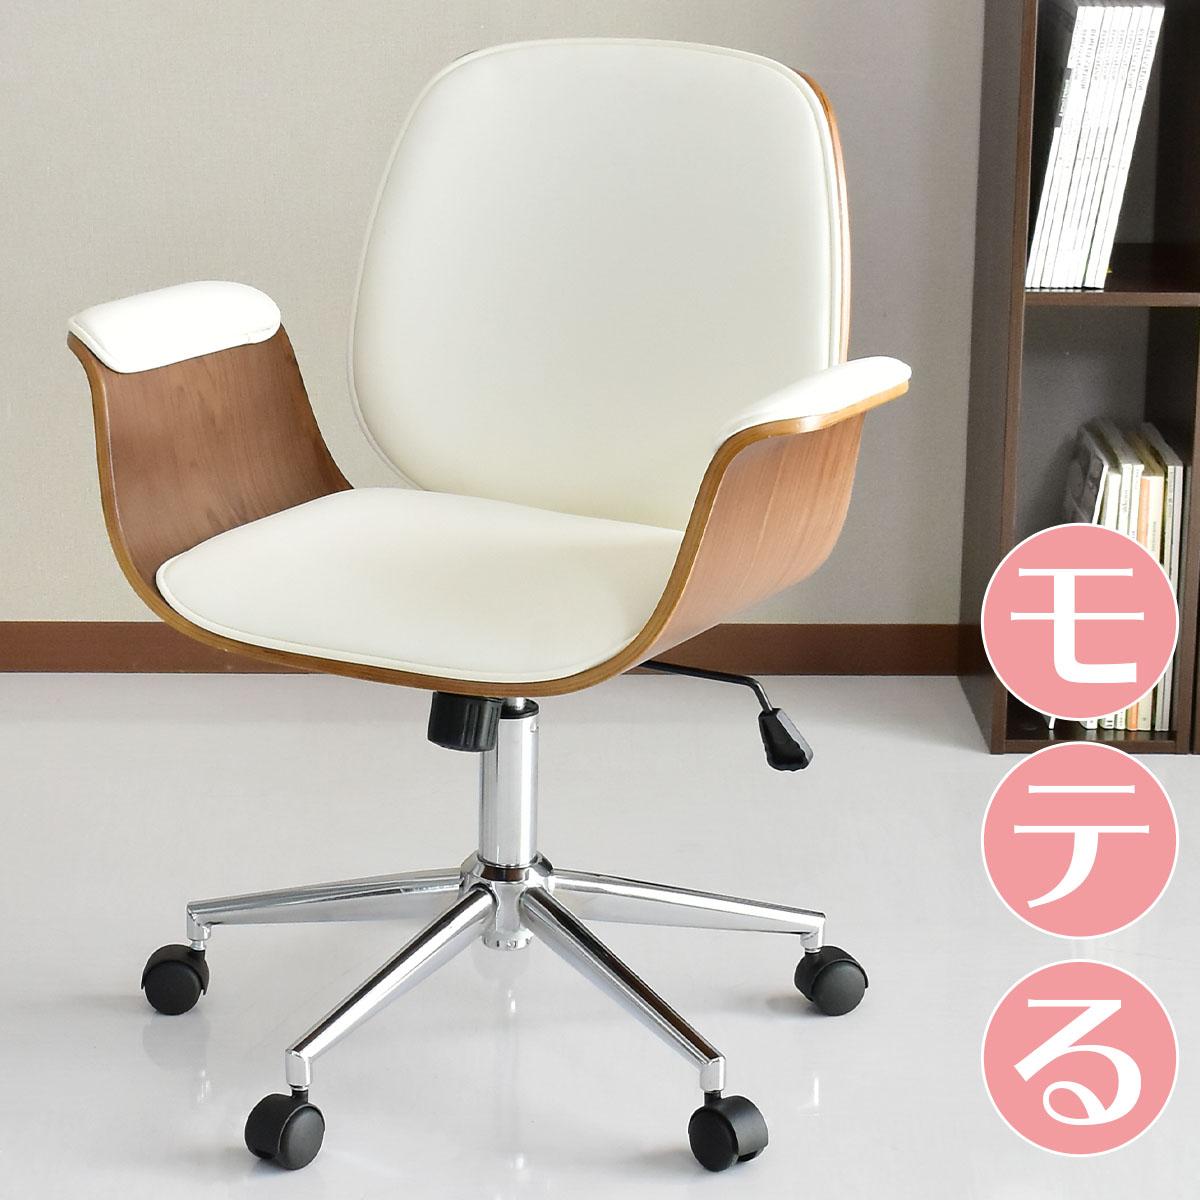 チェア キャスター付き 木目 おしゃれ 北欧 チェアー イス ギフ_包装 椅子 いす ダイニング デザイナーズ デザイナーズチェア ドリス テレワーク 日本限定 7 ss_ ベレ 8 在宅勤務 送料無料 24時 クーポン10% 12時-